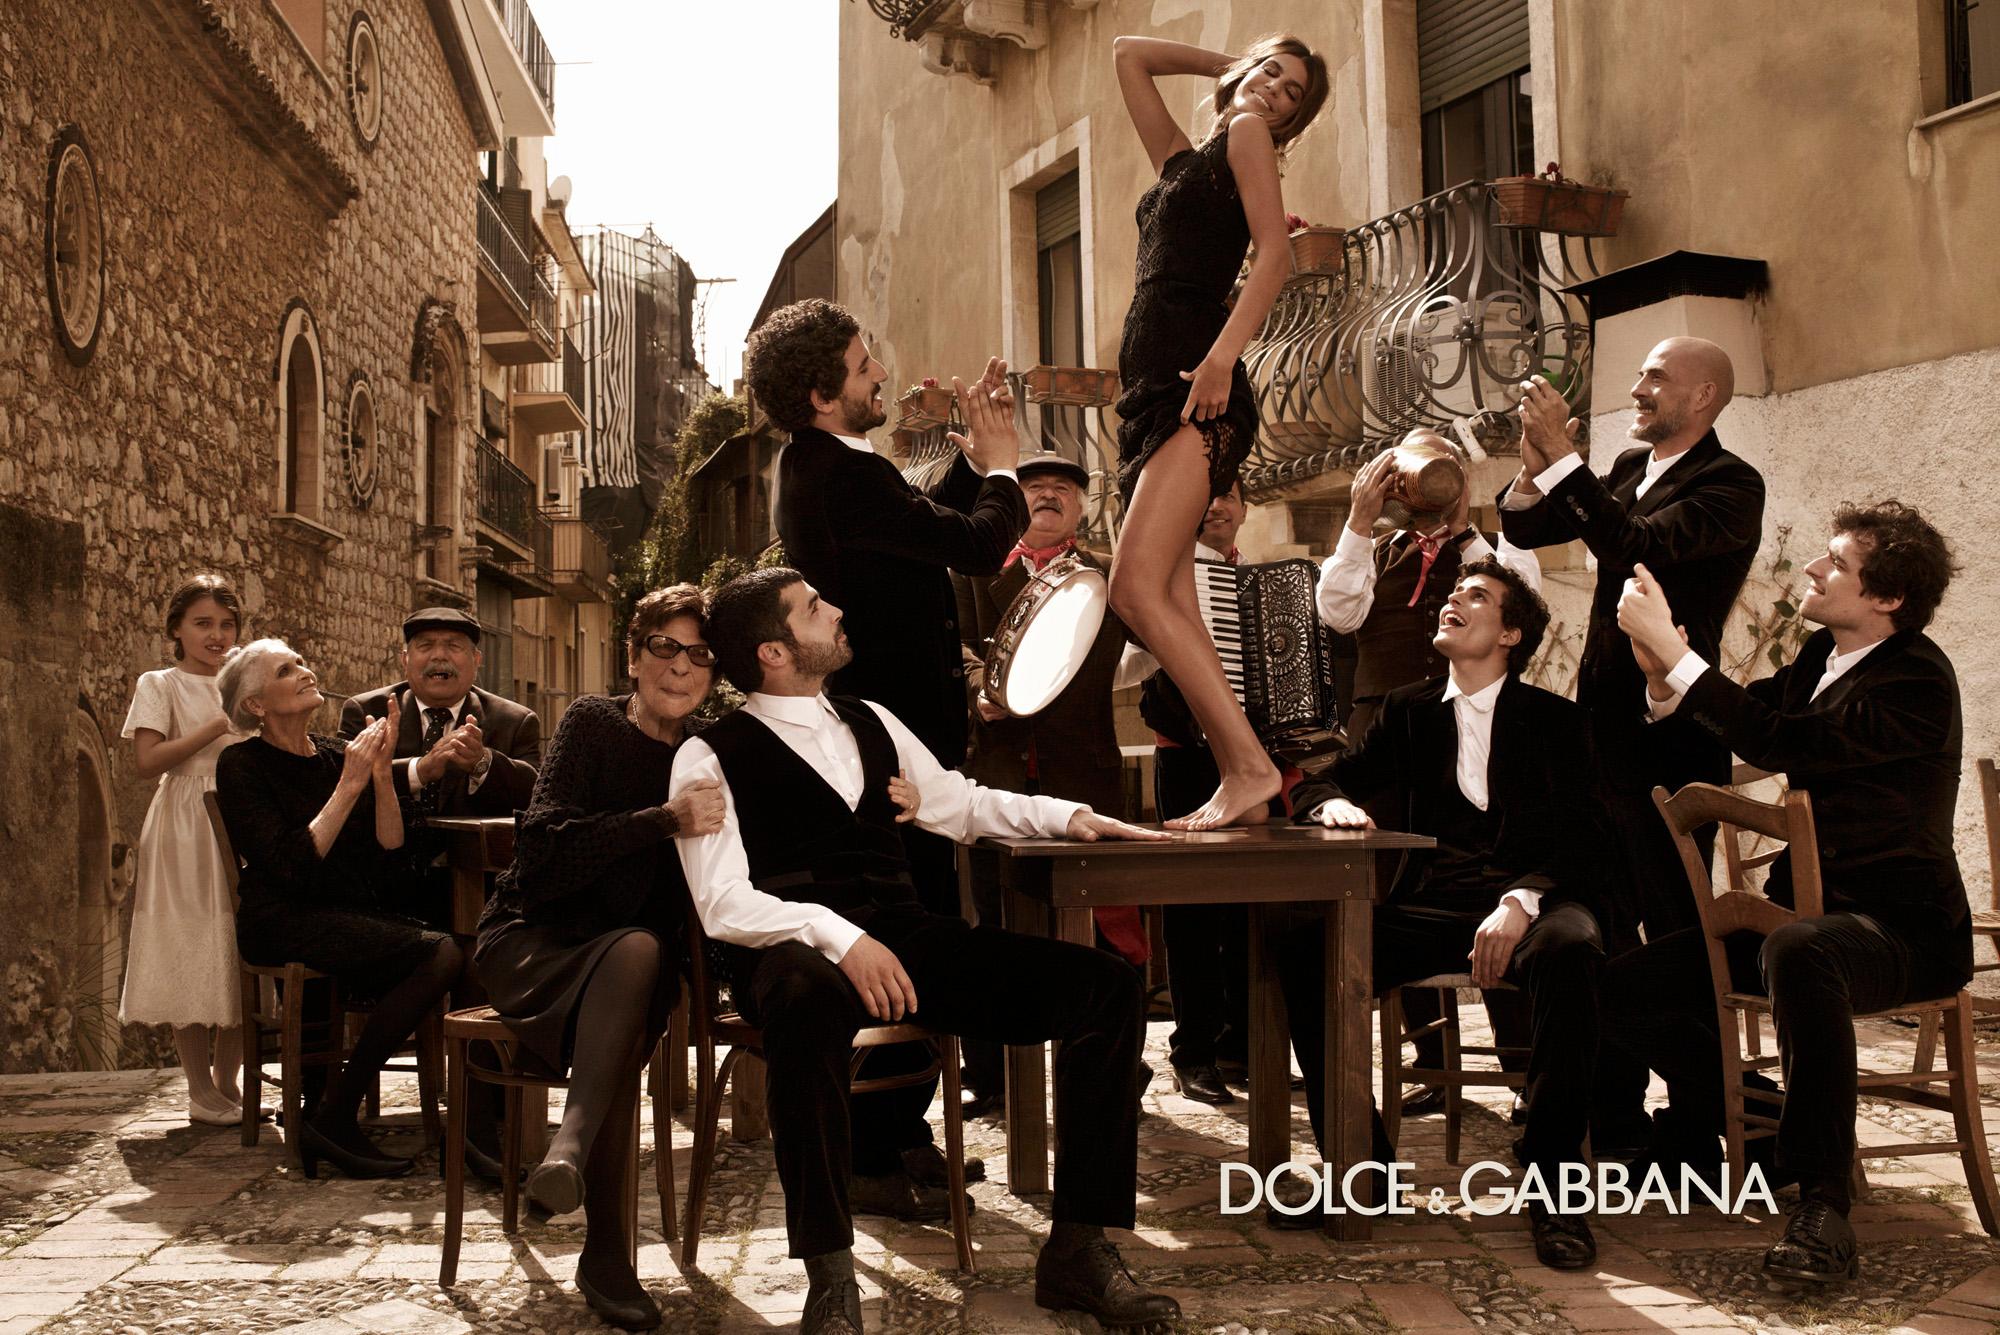 dolce-gabbana-121-copy